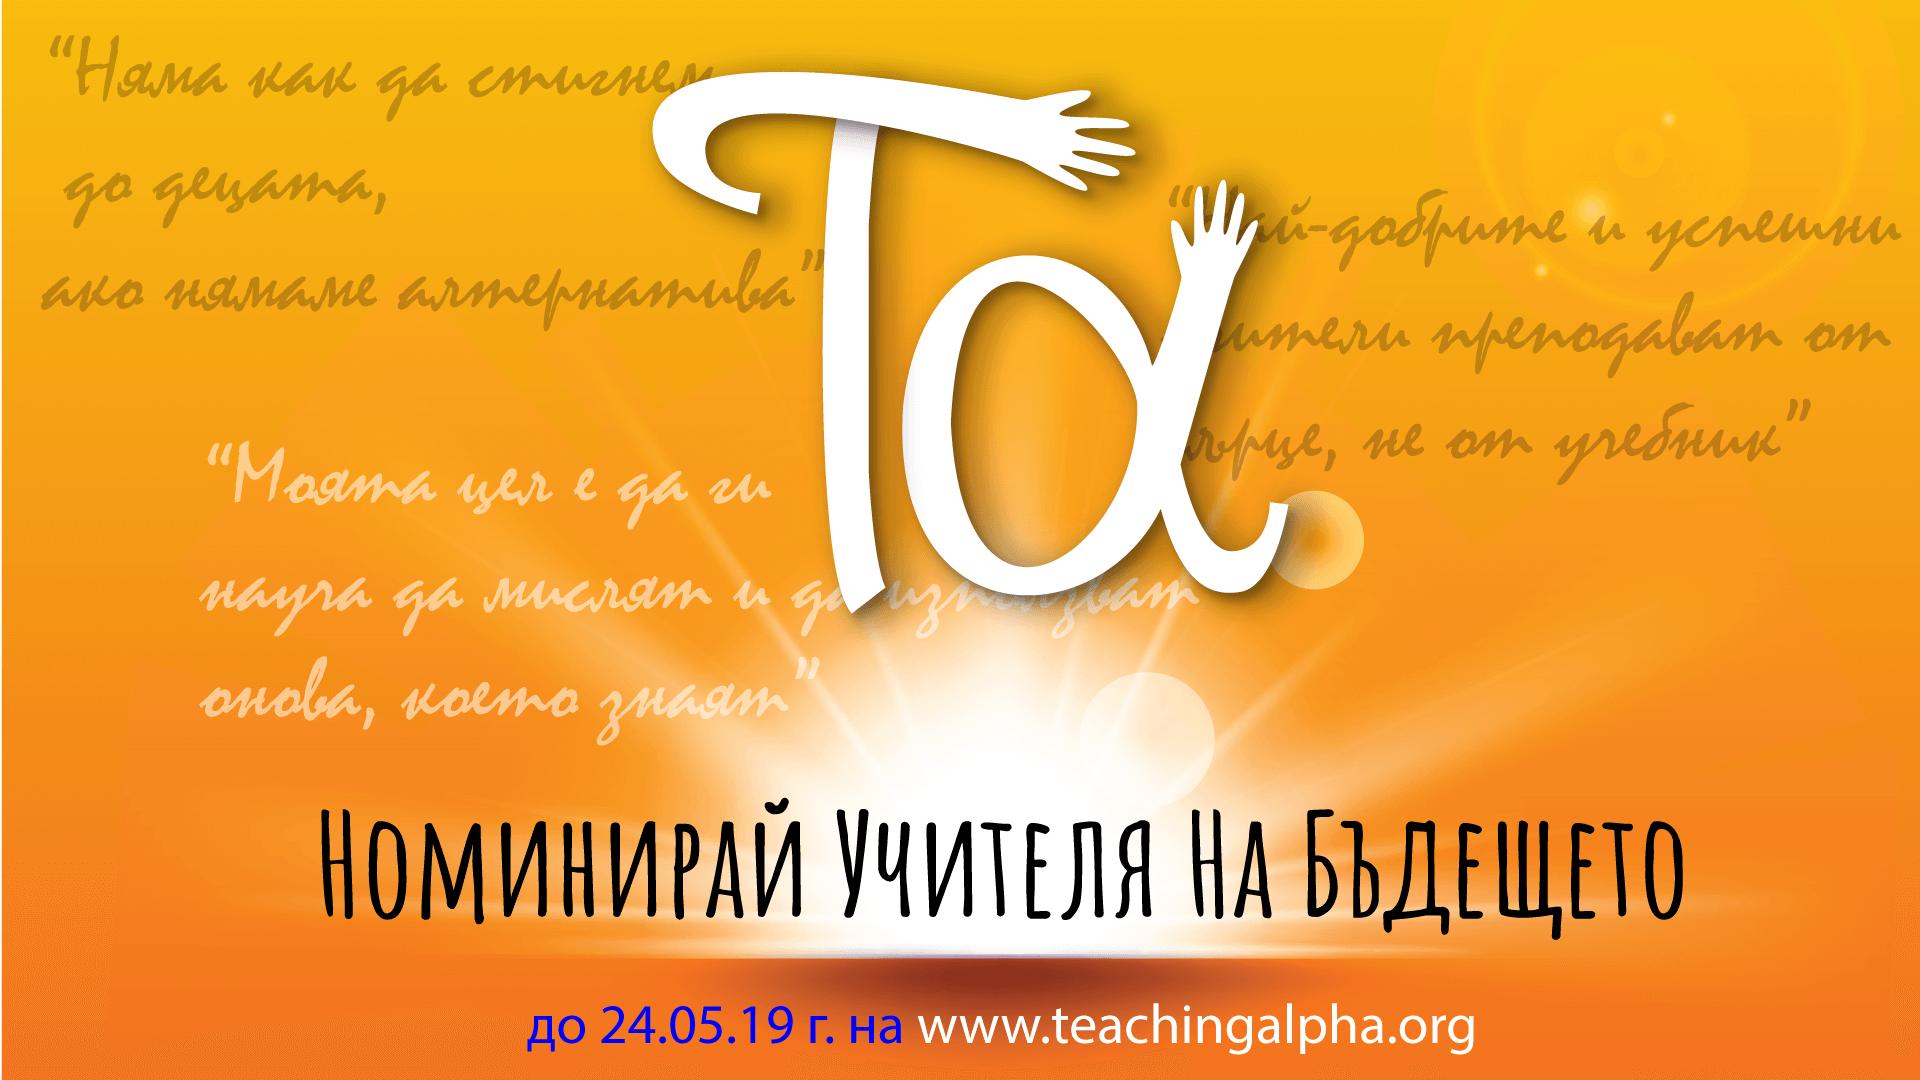 Номинирай учителя на бъдещето!